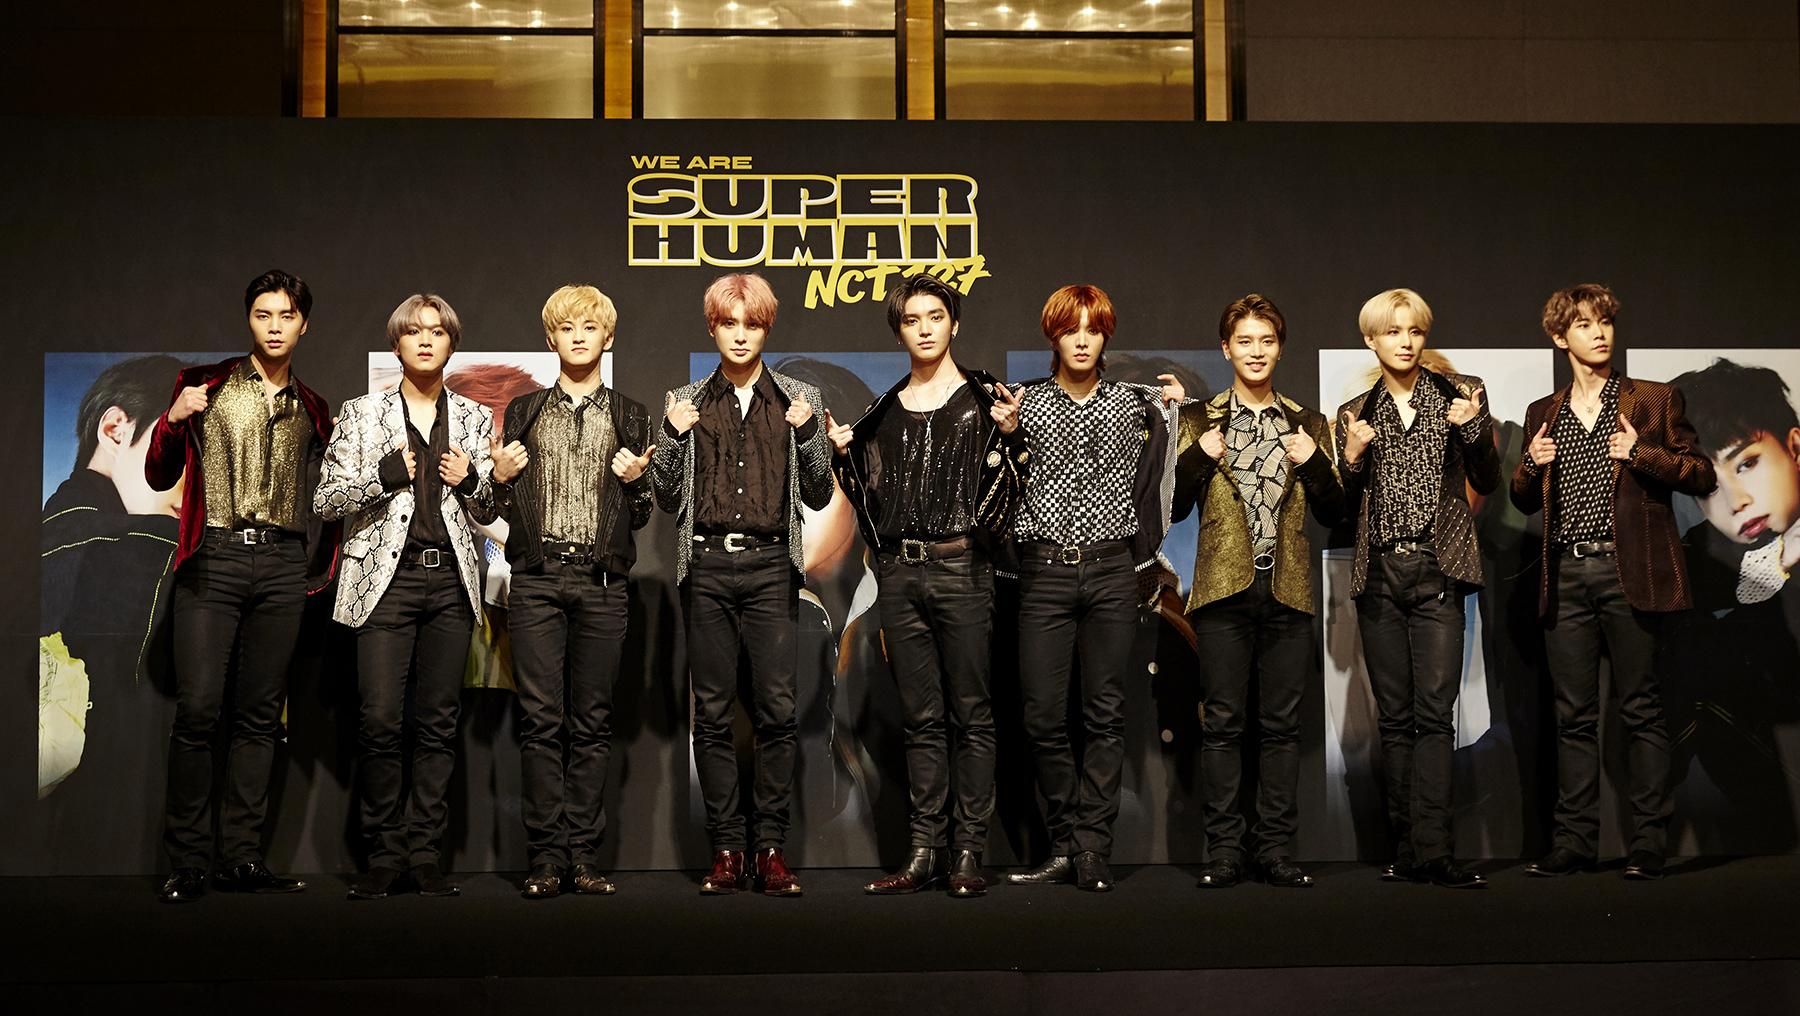 SM特级组合NCT 127《Superhuman》荣登iTunes全世界25区1位